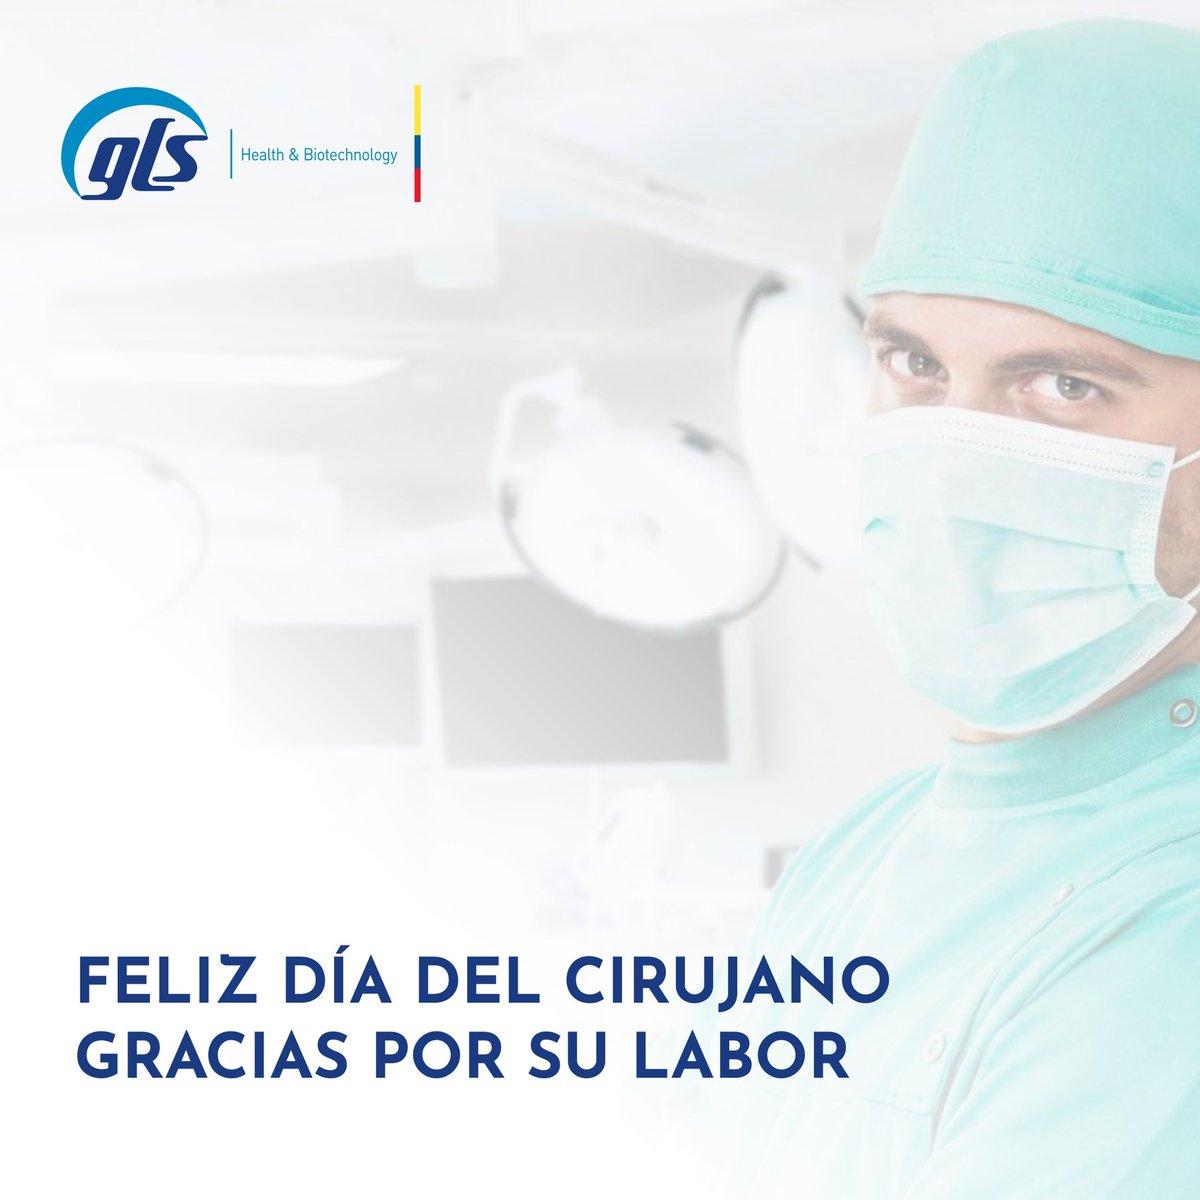 Desde GLS queremos felicitarlos en su día y agradecerles por su gran labor 🙌🏻👩🏼⚕️🧑🏼⚕️ #cirujano #medicina #salud https://t.co/9Ef2smRS5F